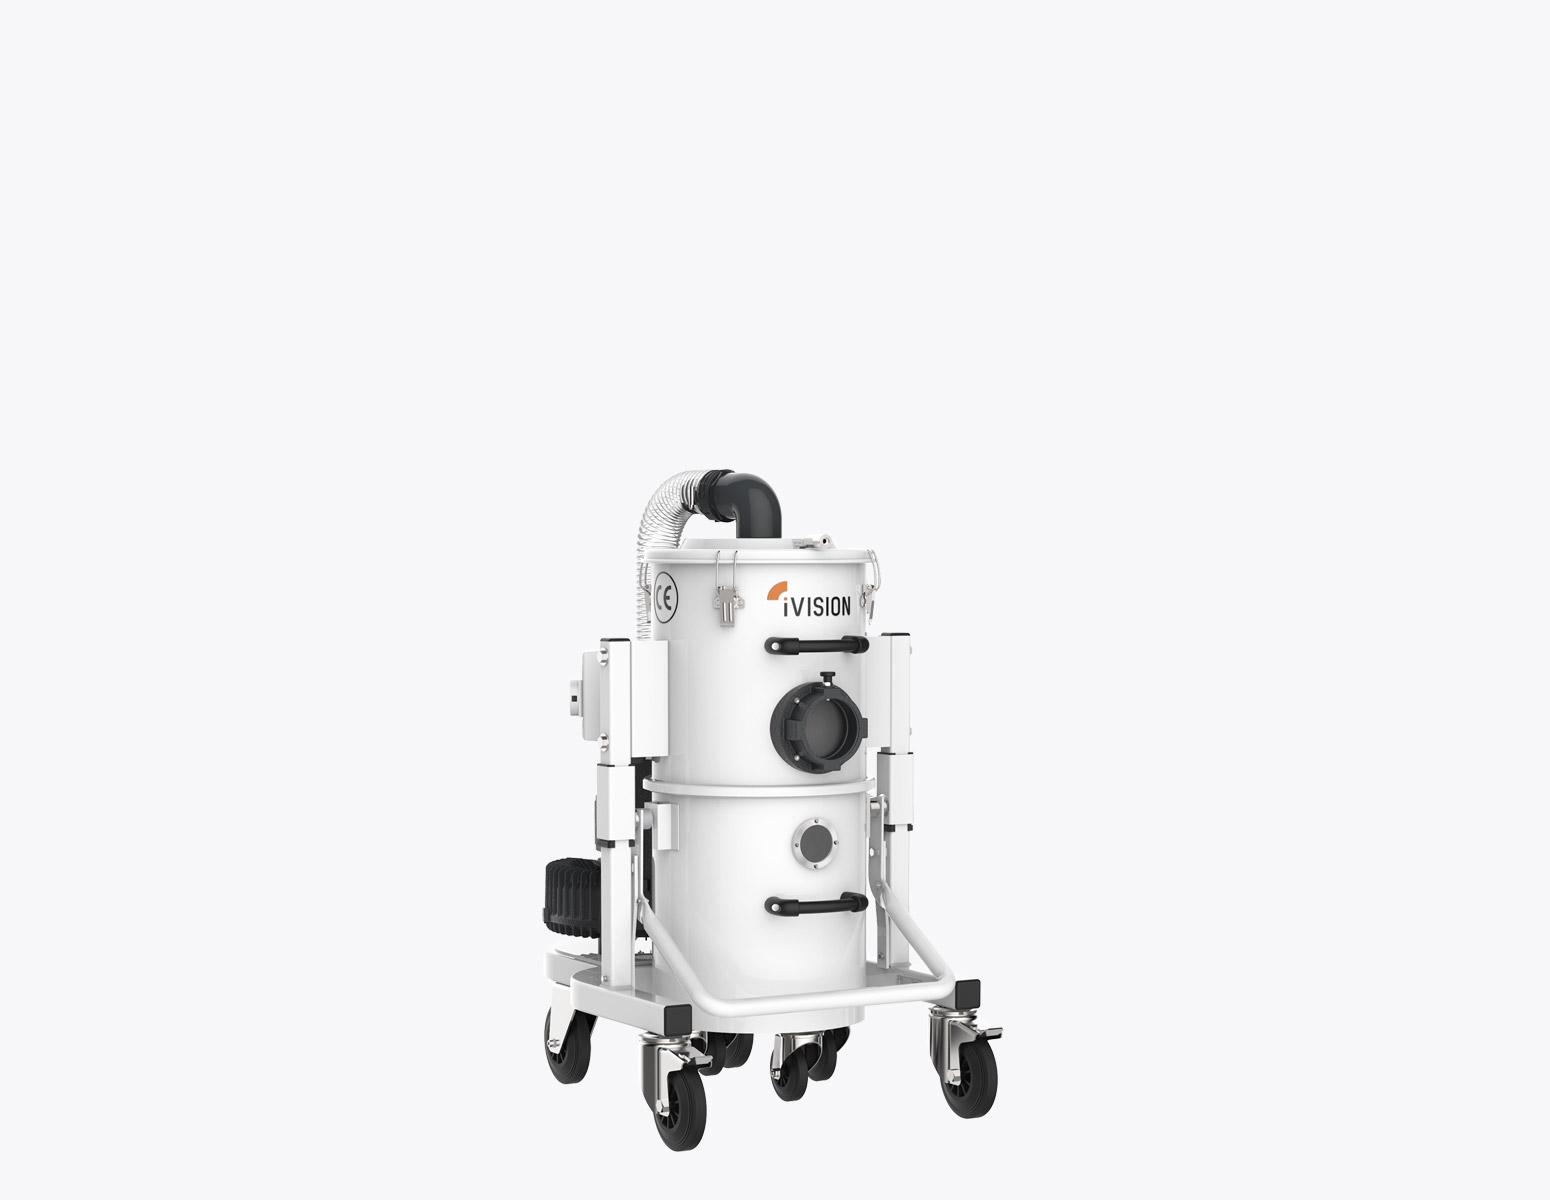 iv1-pcb-line-industrial-vacuum-cleaners-ivision-vacuum-f-2